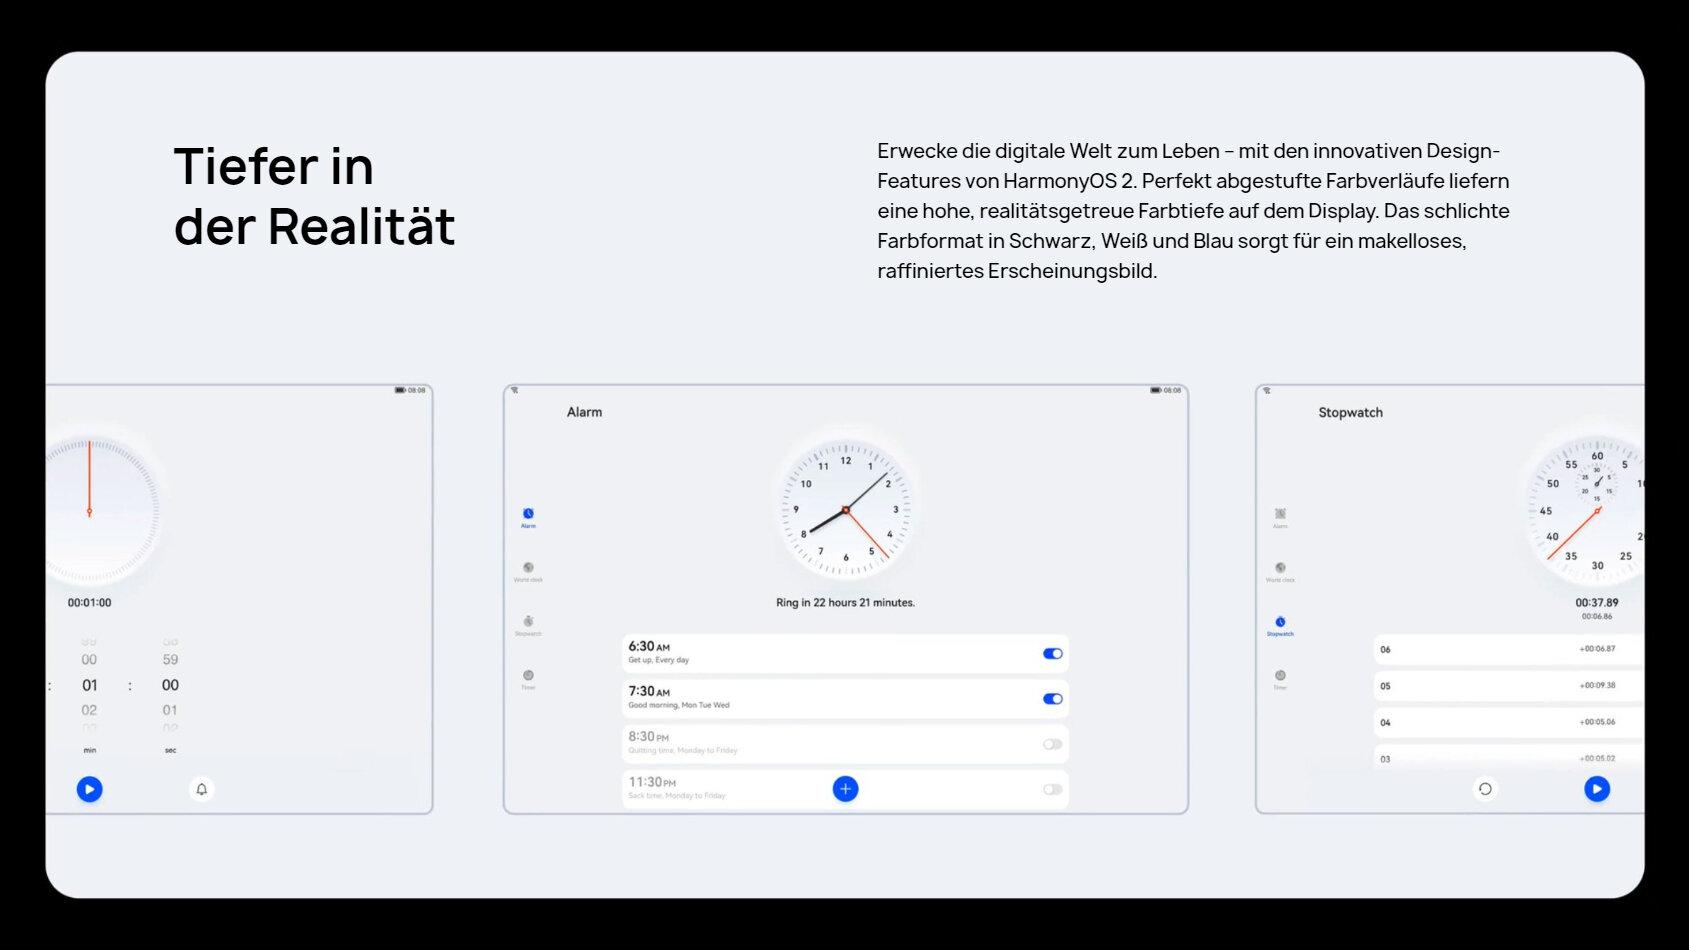 Nuevos aspectos de diseño en HarmonyOS